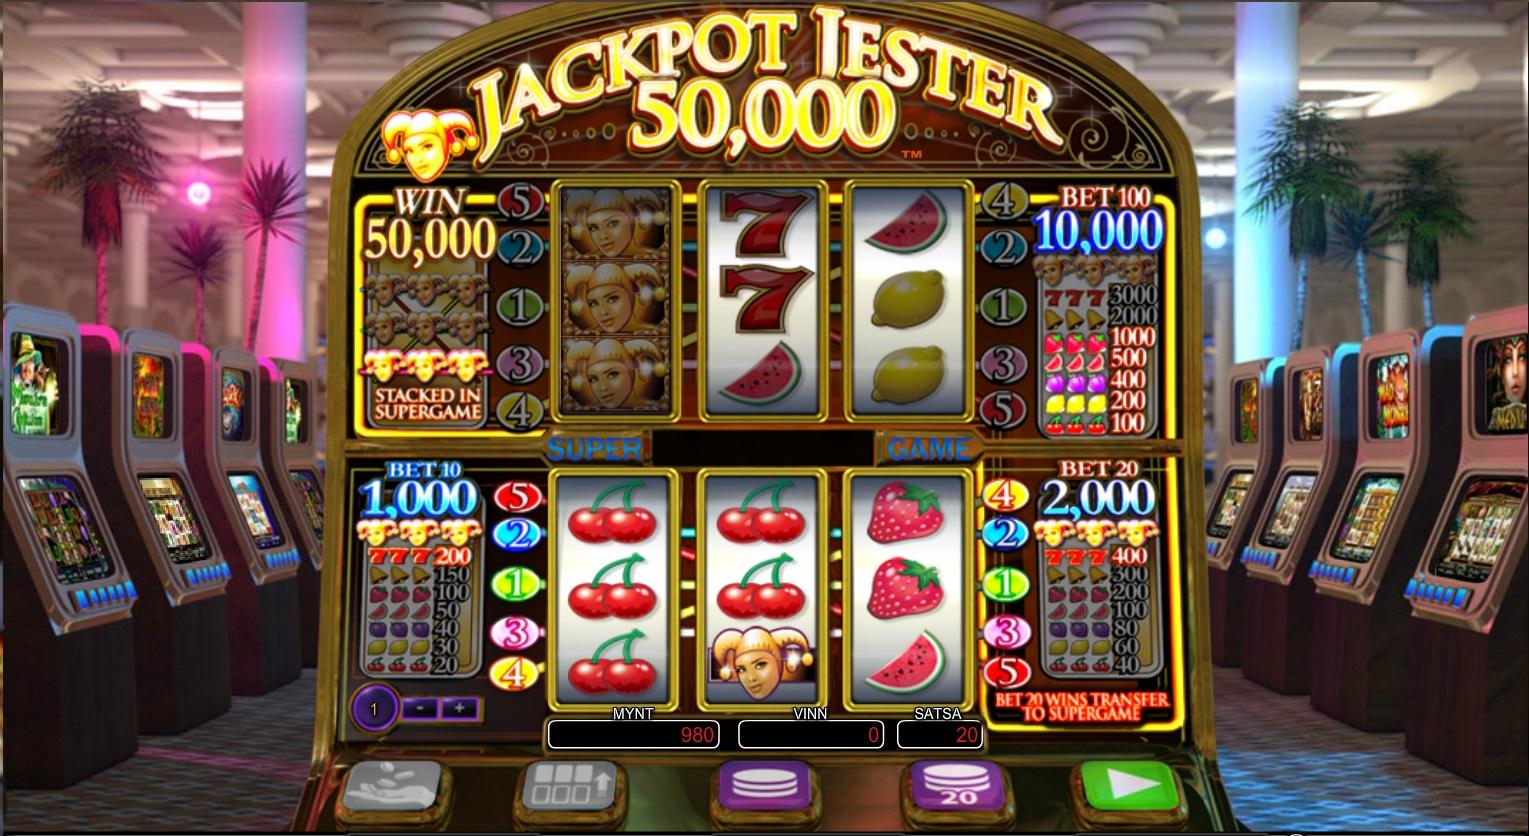 Casino utan regeringen jackpott på Schmetterling